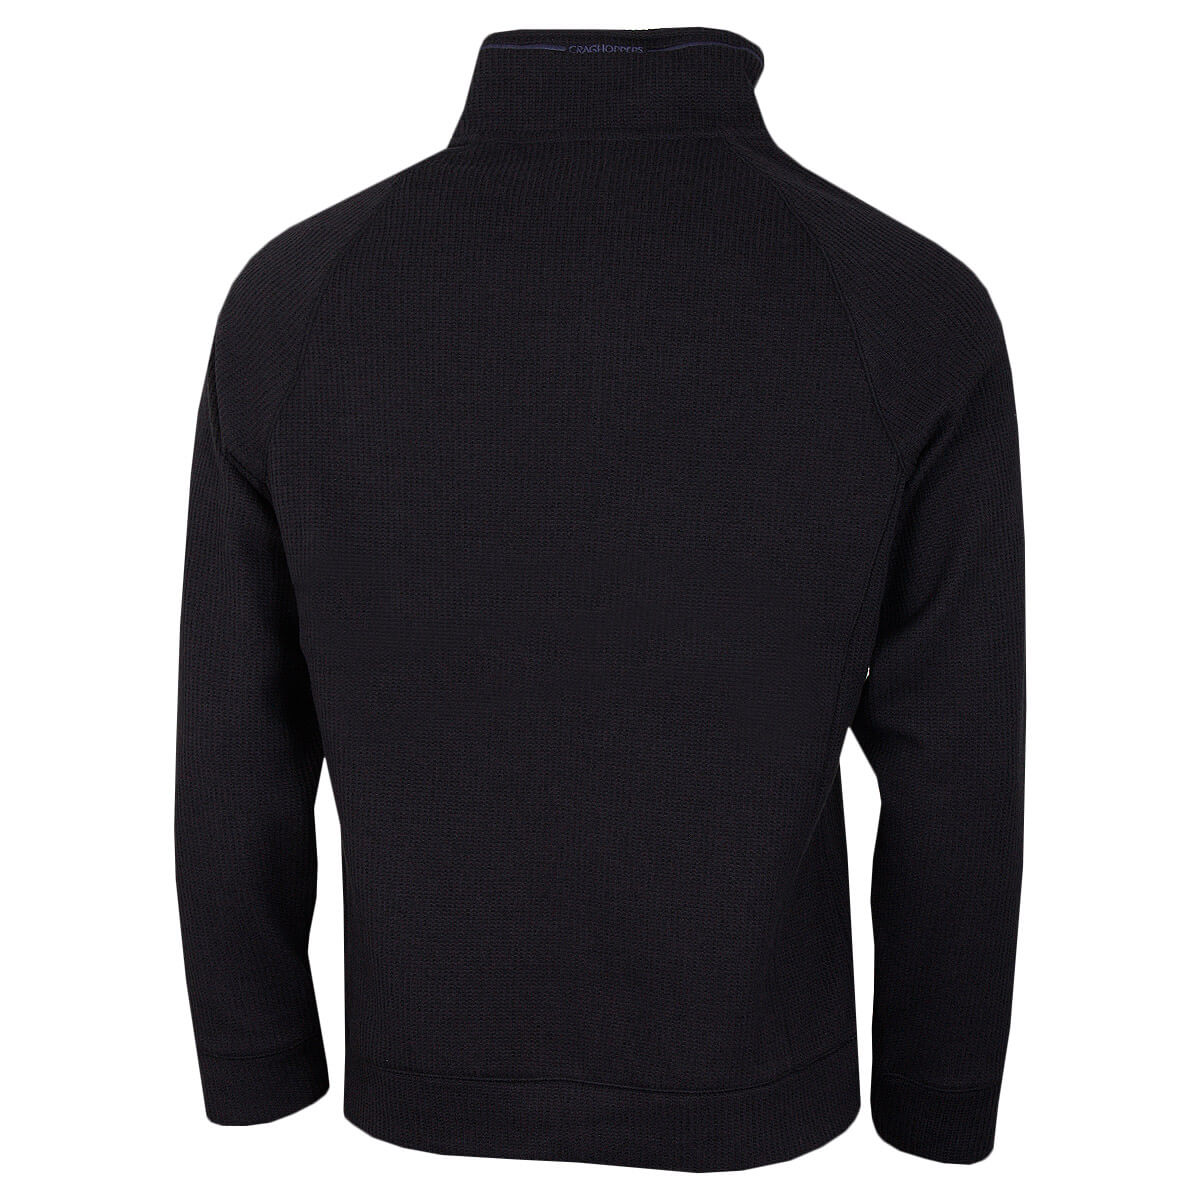 Craghoppers-Mens-Norton-Half-Zip-Fleece-Outdoor-Sweater-Pullover-60-OFF-RRP Indexbild 3